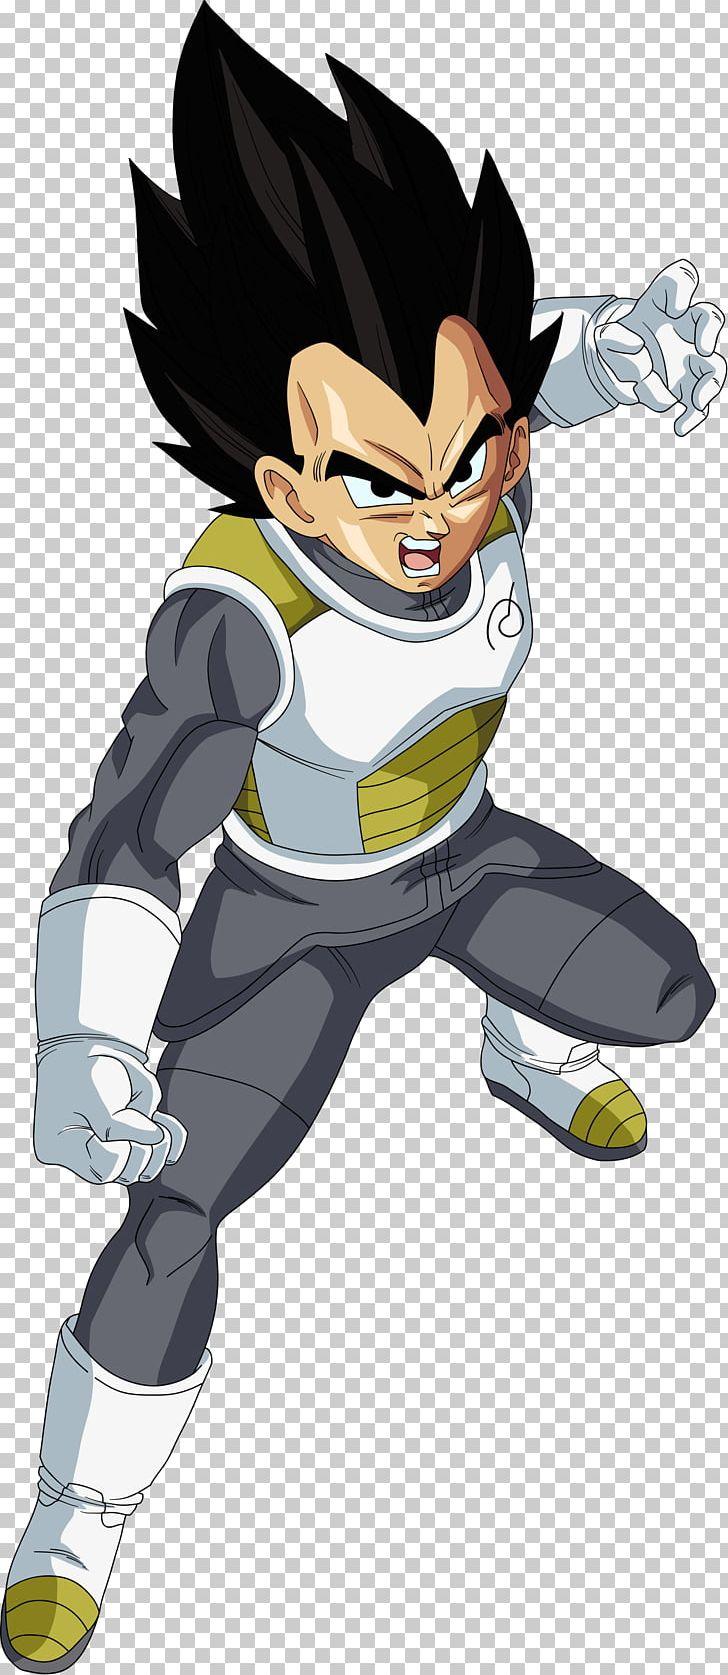 Vegeta Frieza Goku Whis Super Dragon Ball Z Png Clipart Frieza